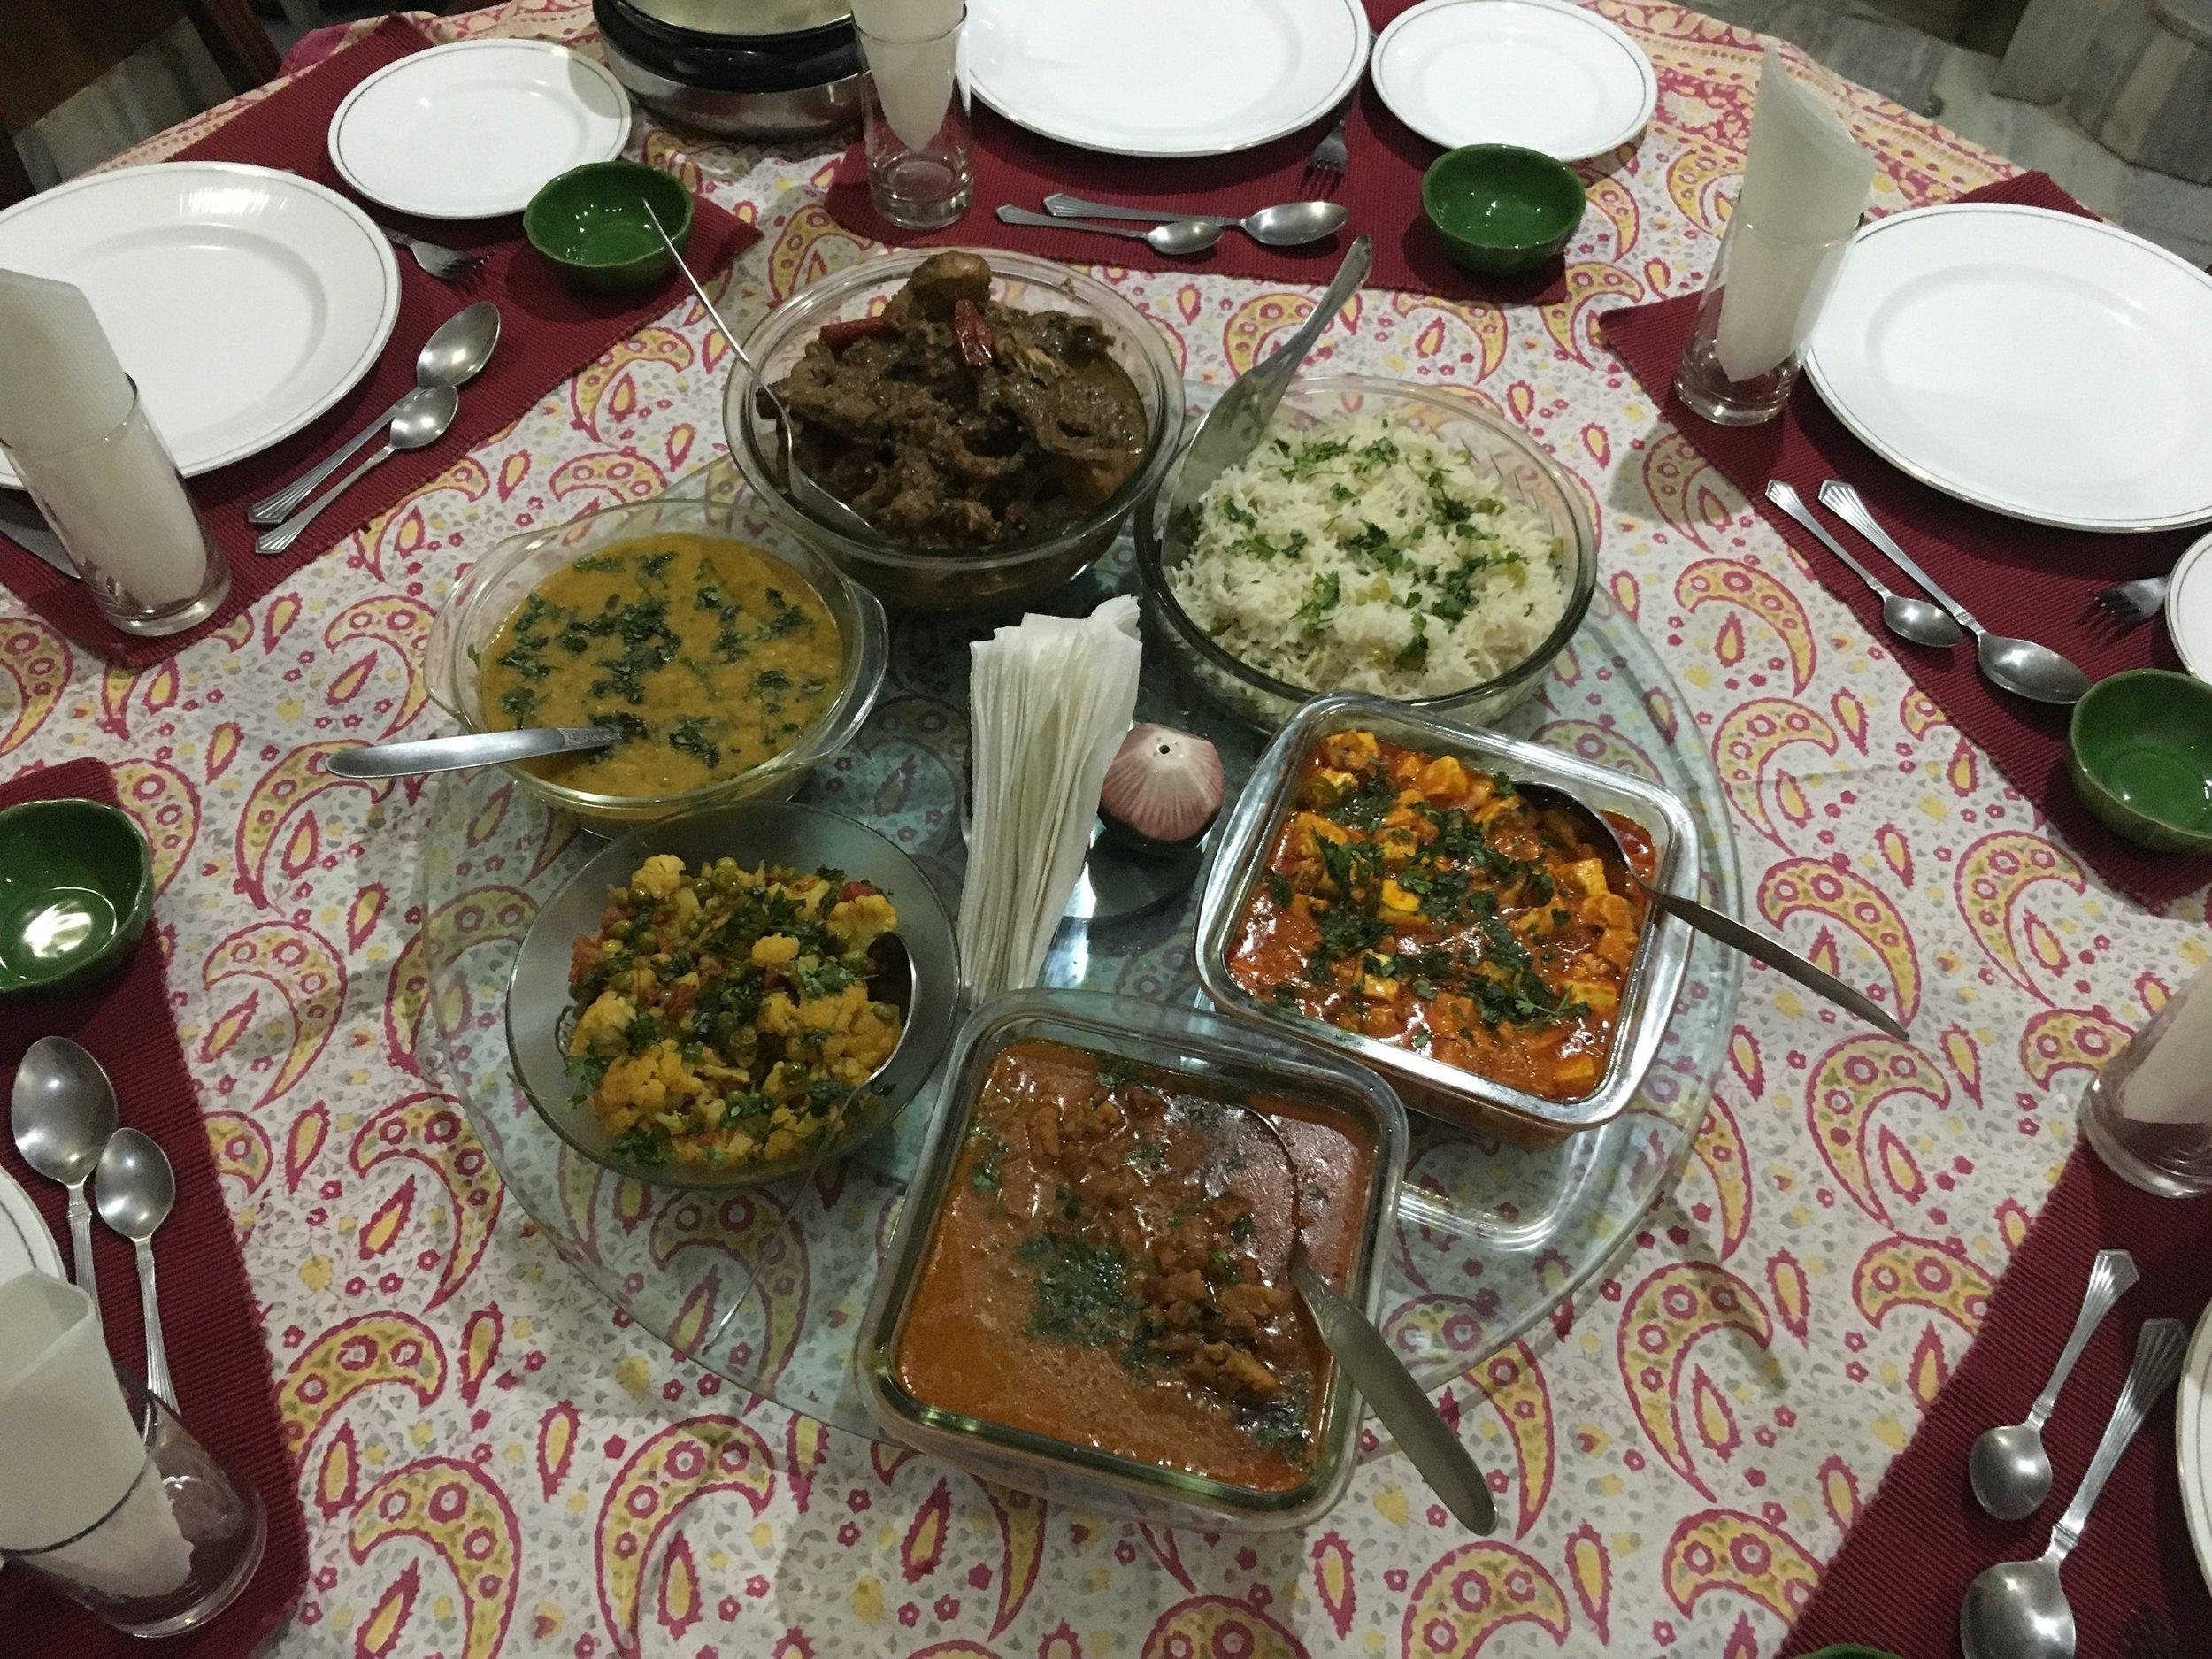 Jantar servido na casa onde nos hospedamos em Jodhpur. Neste dia havia arroz, cordeiro, lentilhas, couve flor, panner (uma espécie de queijo feito a partir da adição de suco de limão ao leite), e um ensopado feito com uma massa de semolina, parecida com um mini nhoque. Tudo muito gostoso!